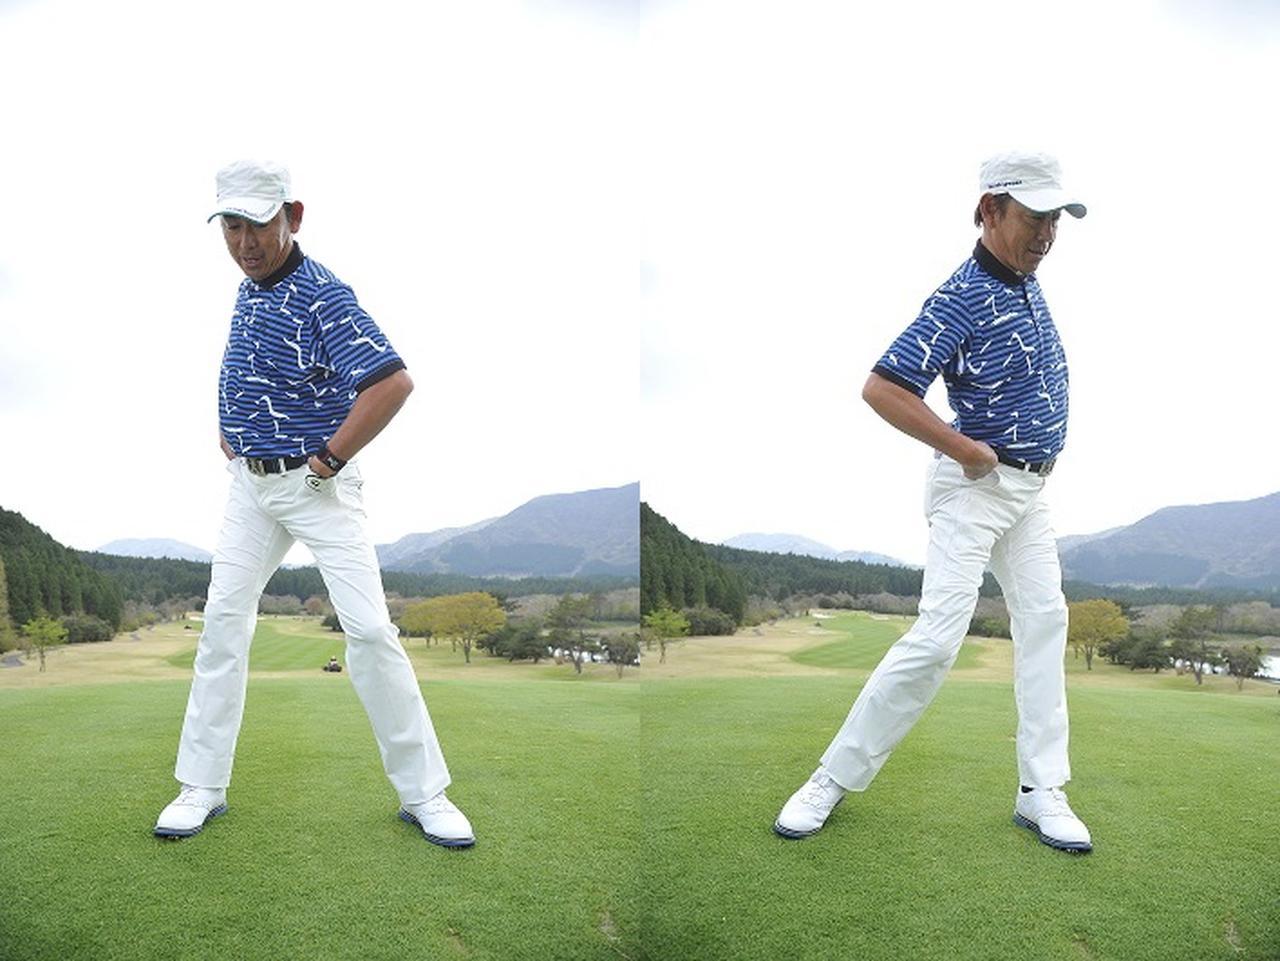 画像: 「右腰を落とさない!右サイドが下がると手元が浮いてヘッドが垂れダフりやすくなる」